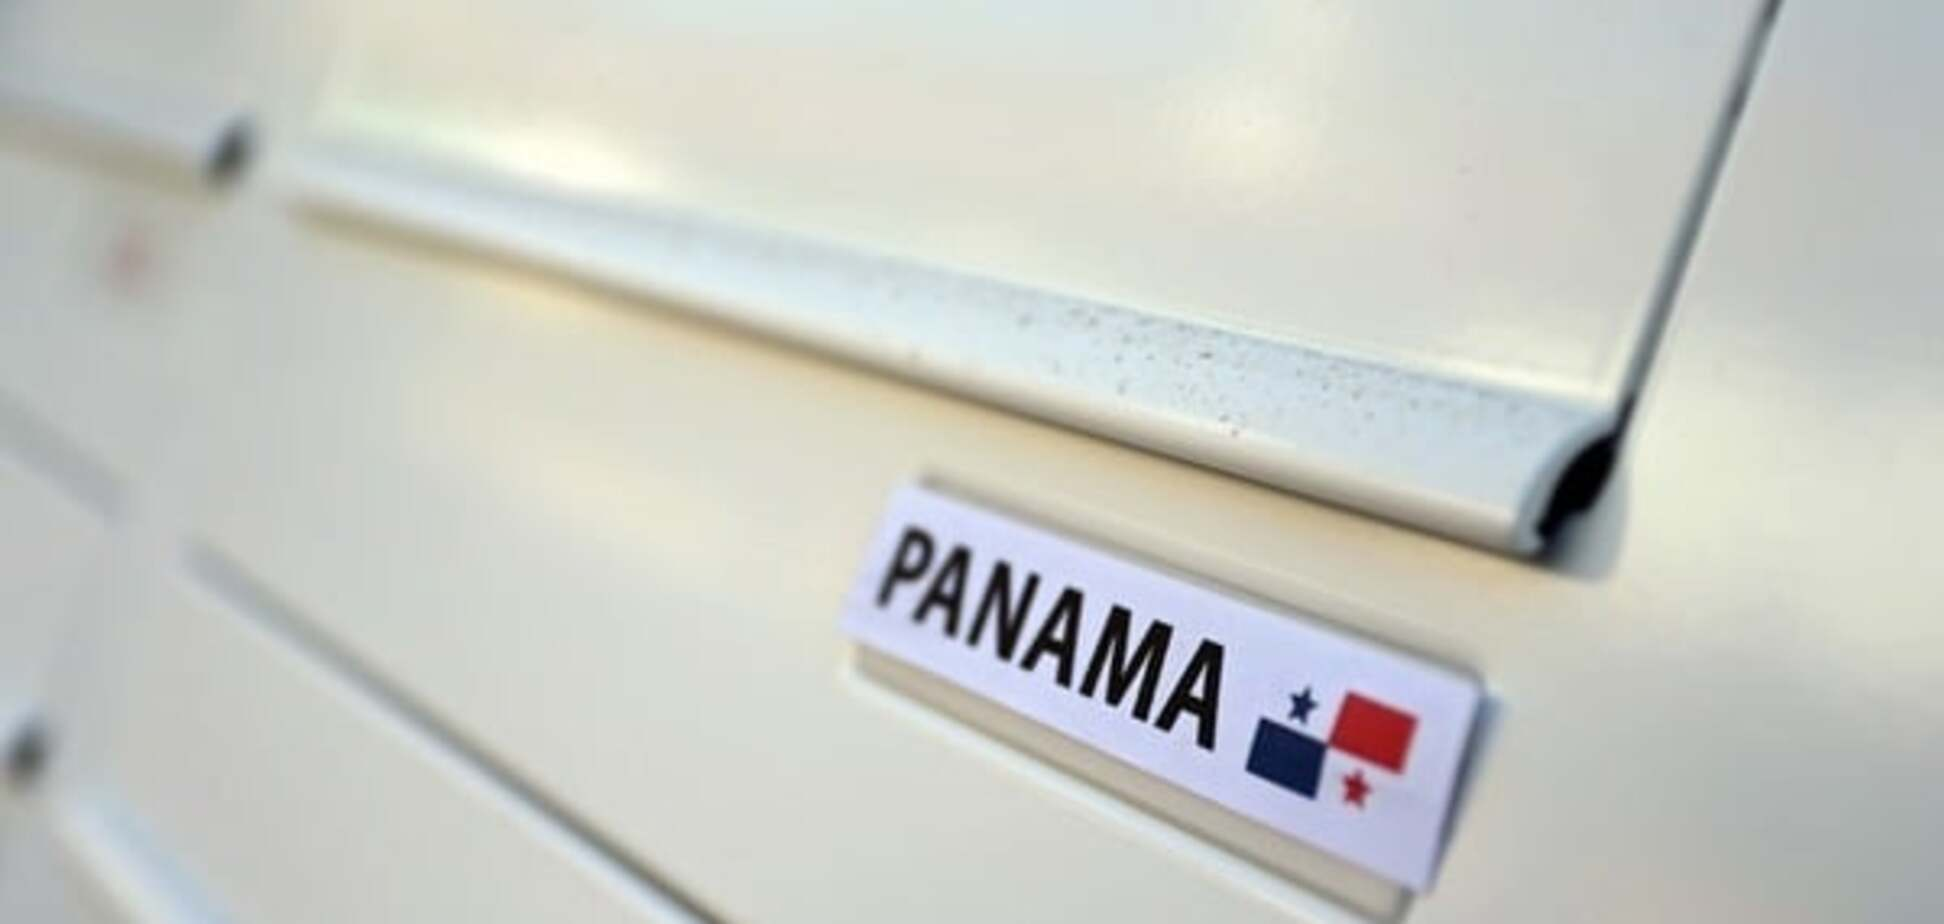 Грядет Панамагейт-2: похищены данные владельцев Бермудских офшоров